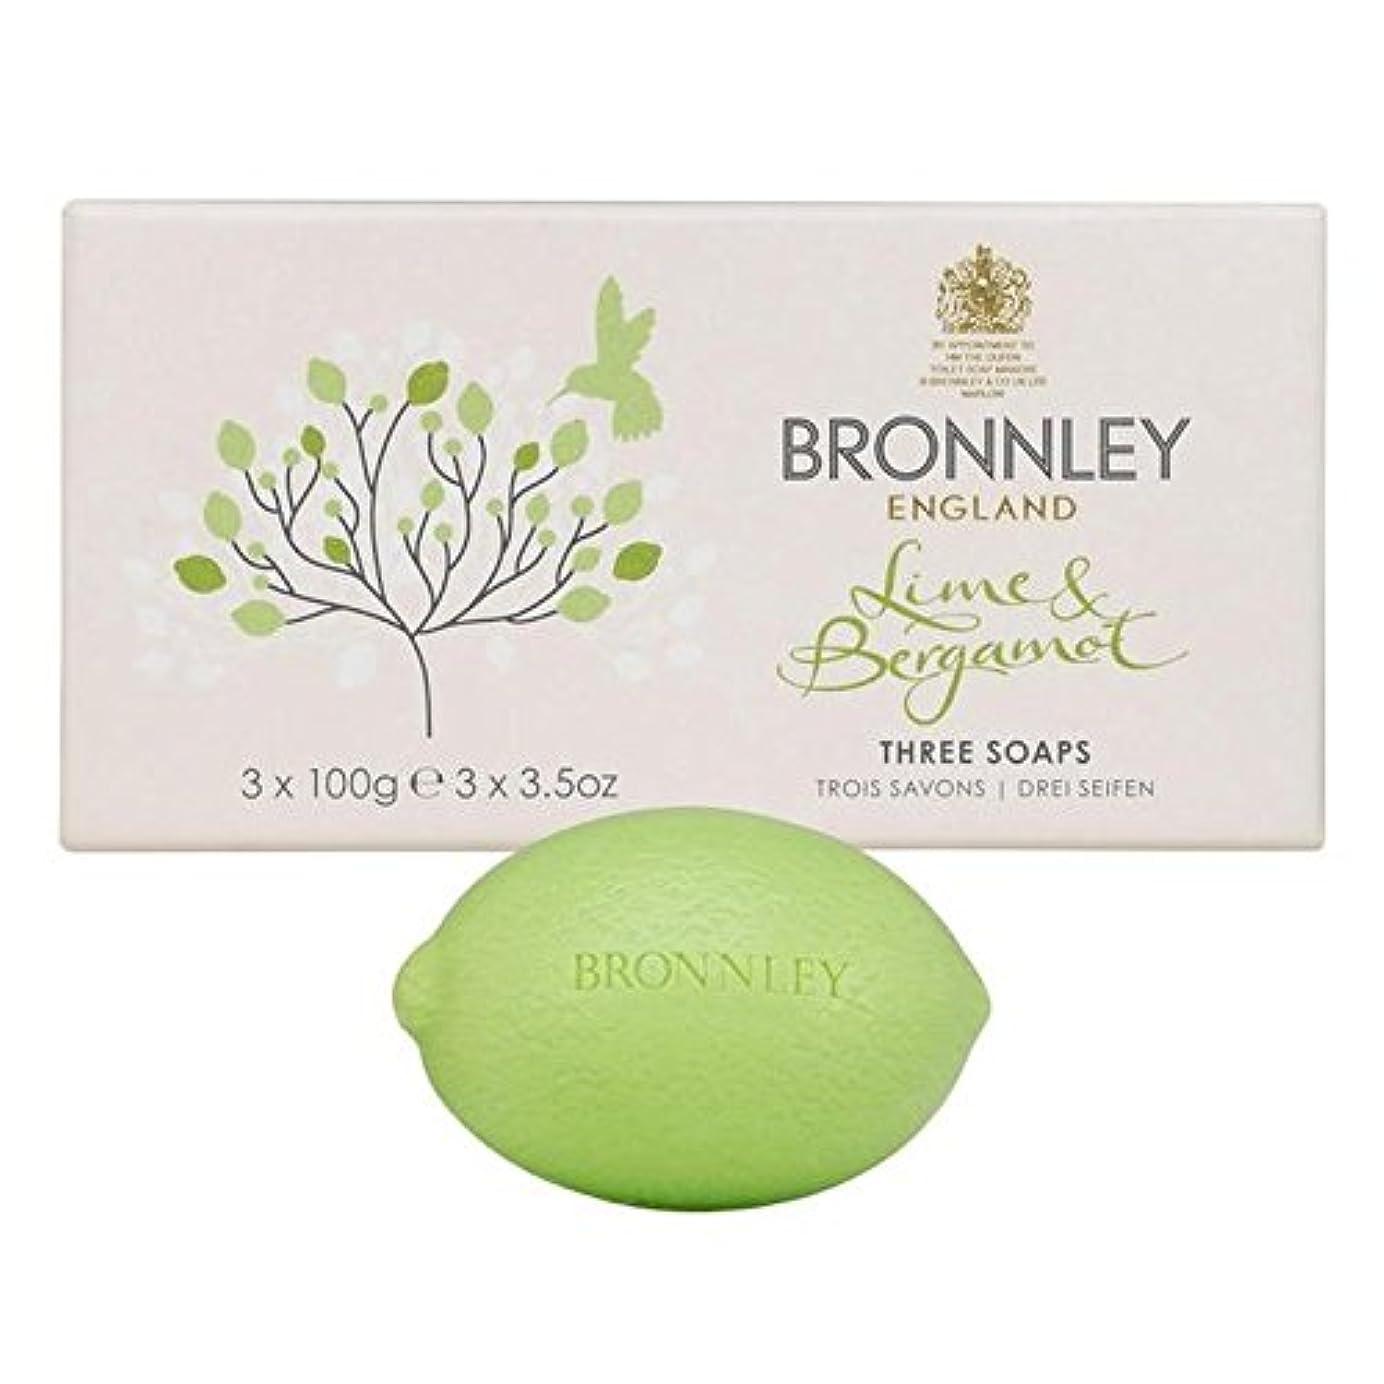 骨ネズミけがをするライム&ベルガモット石鹸3×100グラム x4 - Bronnley Lime & Bergamot Soap 3 x 100g (Pack of 4) [並行輸入品]